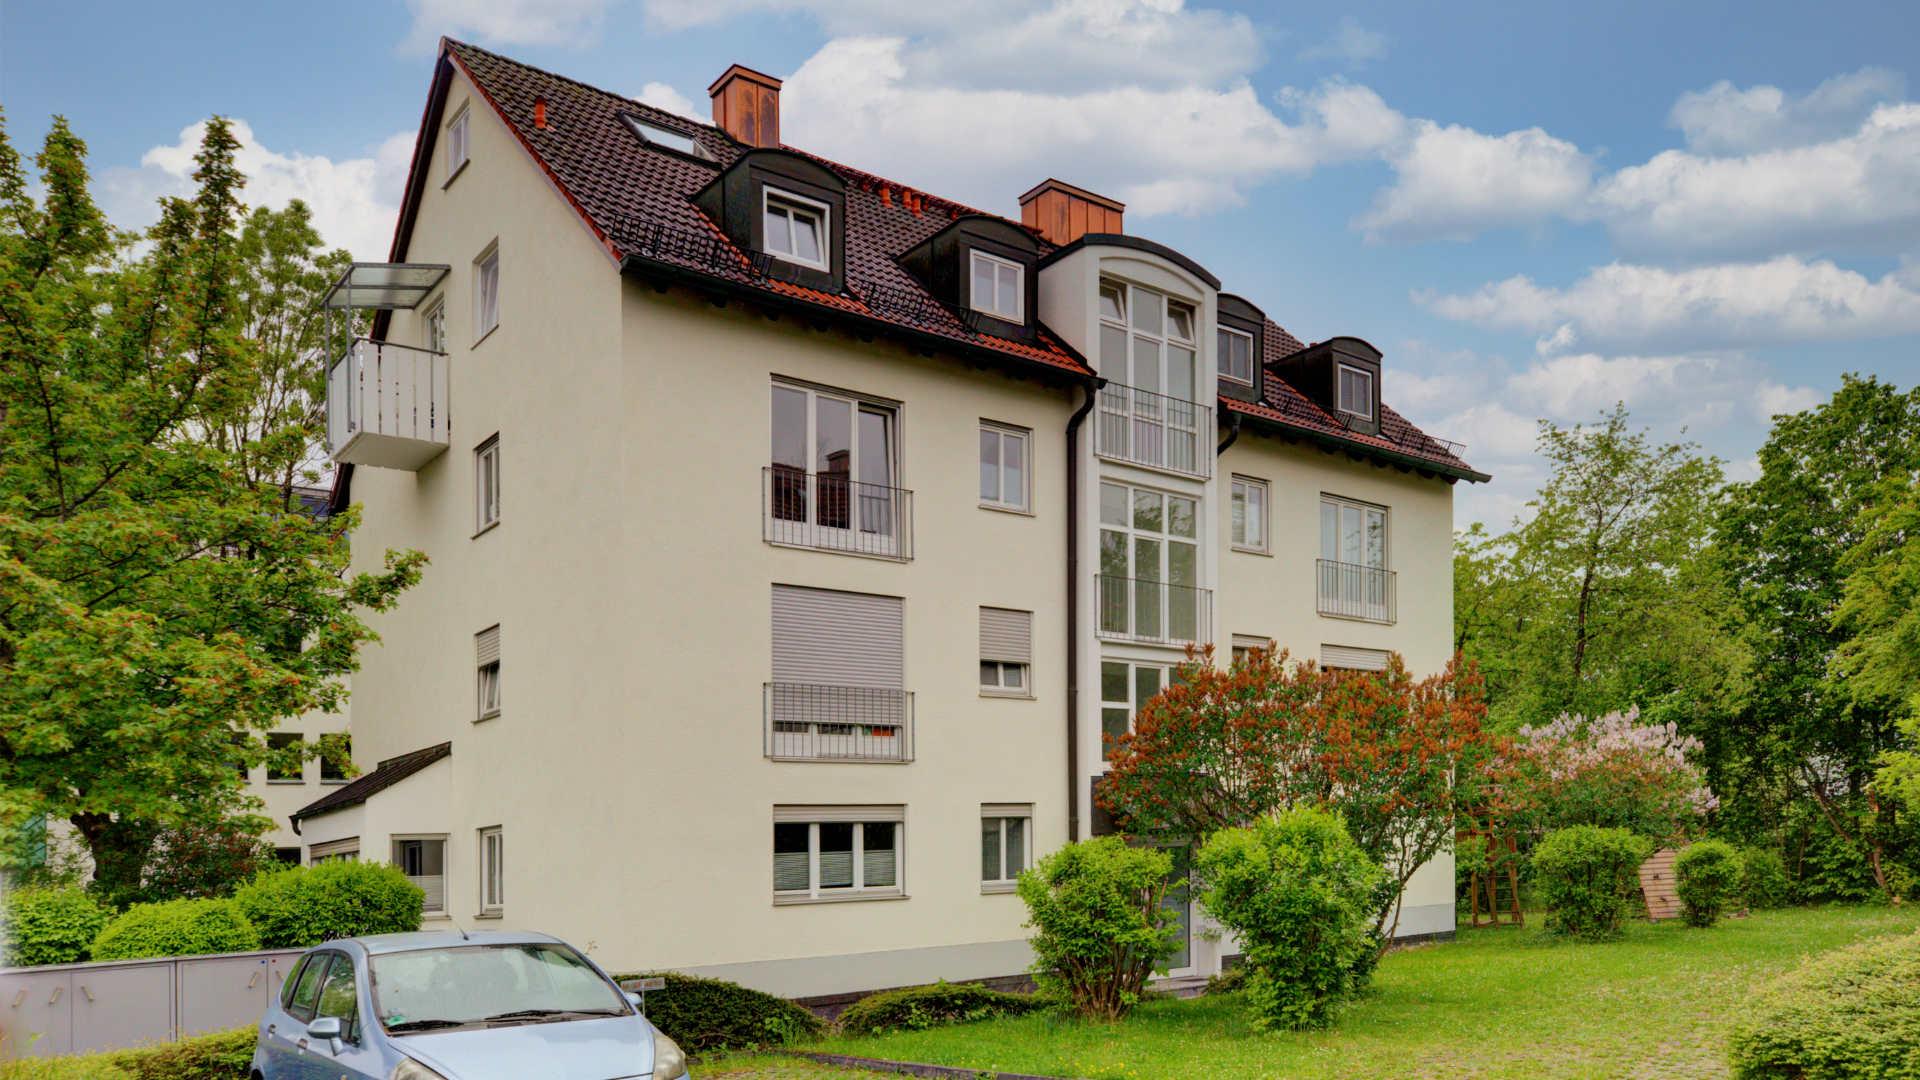 RESERVIERT: Gut geschnittene 2 Zi-Wohnung mit Südbalkon zu verkaufen